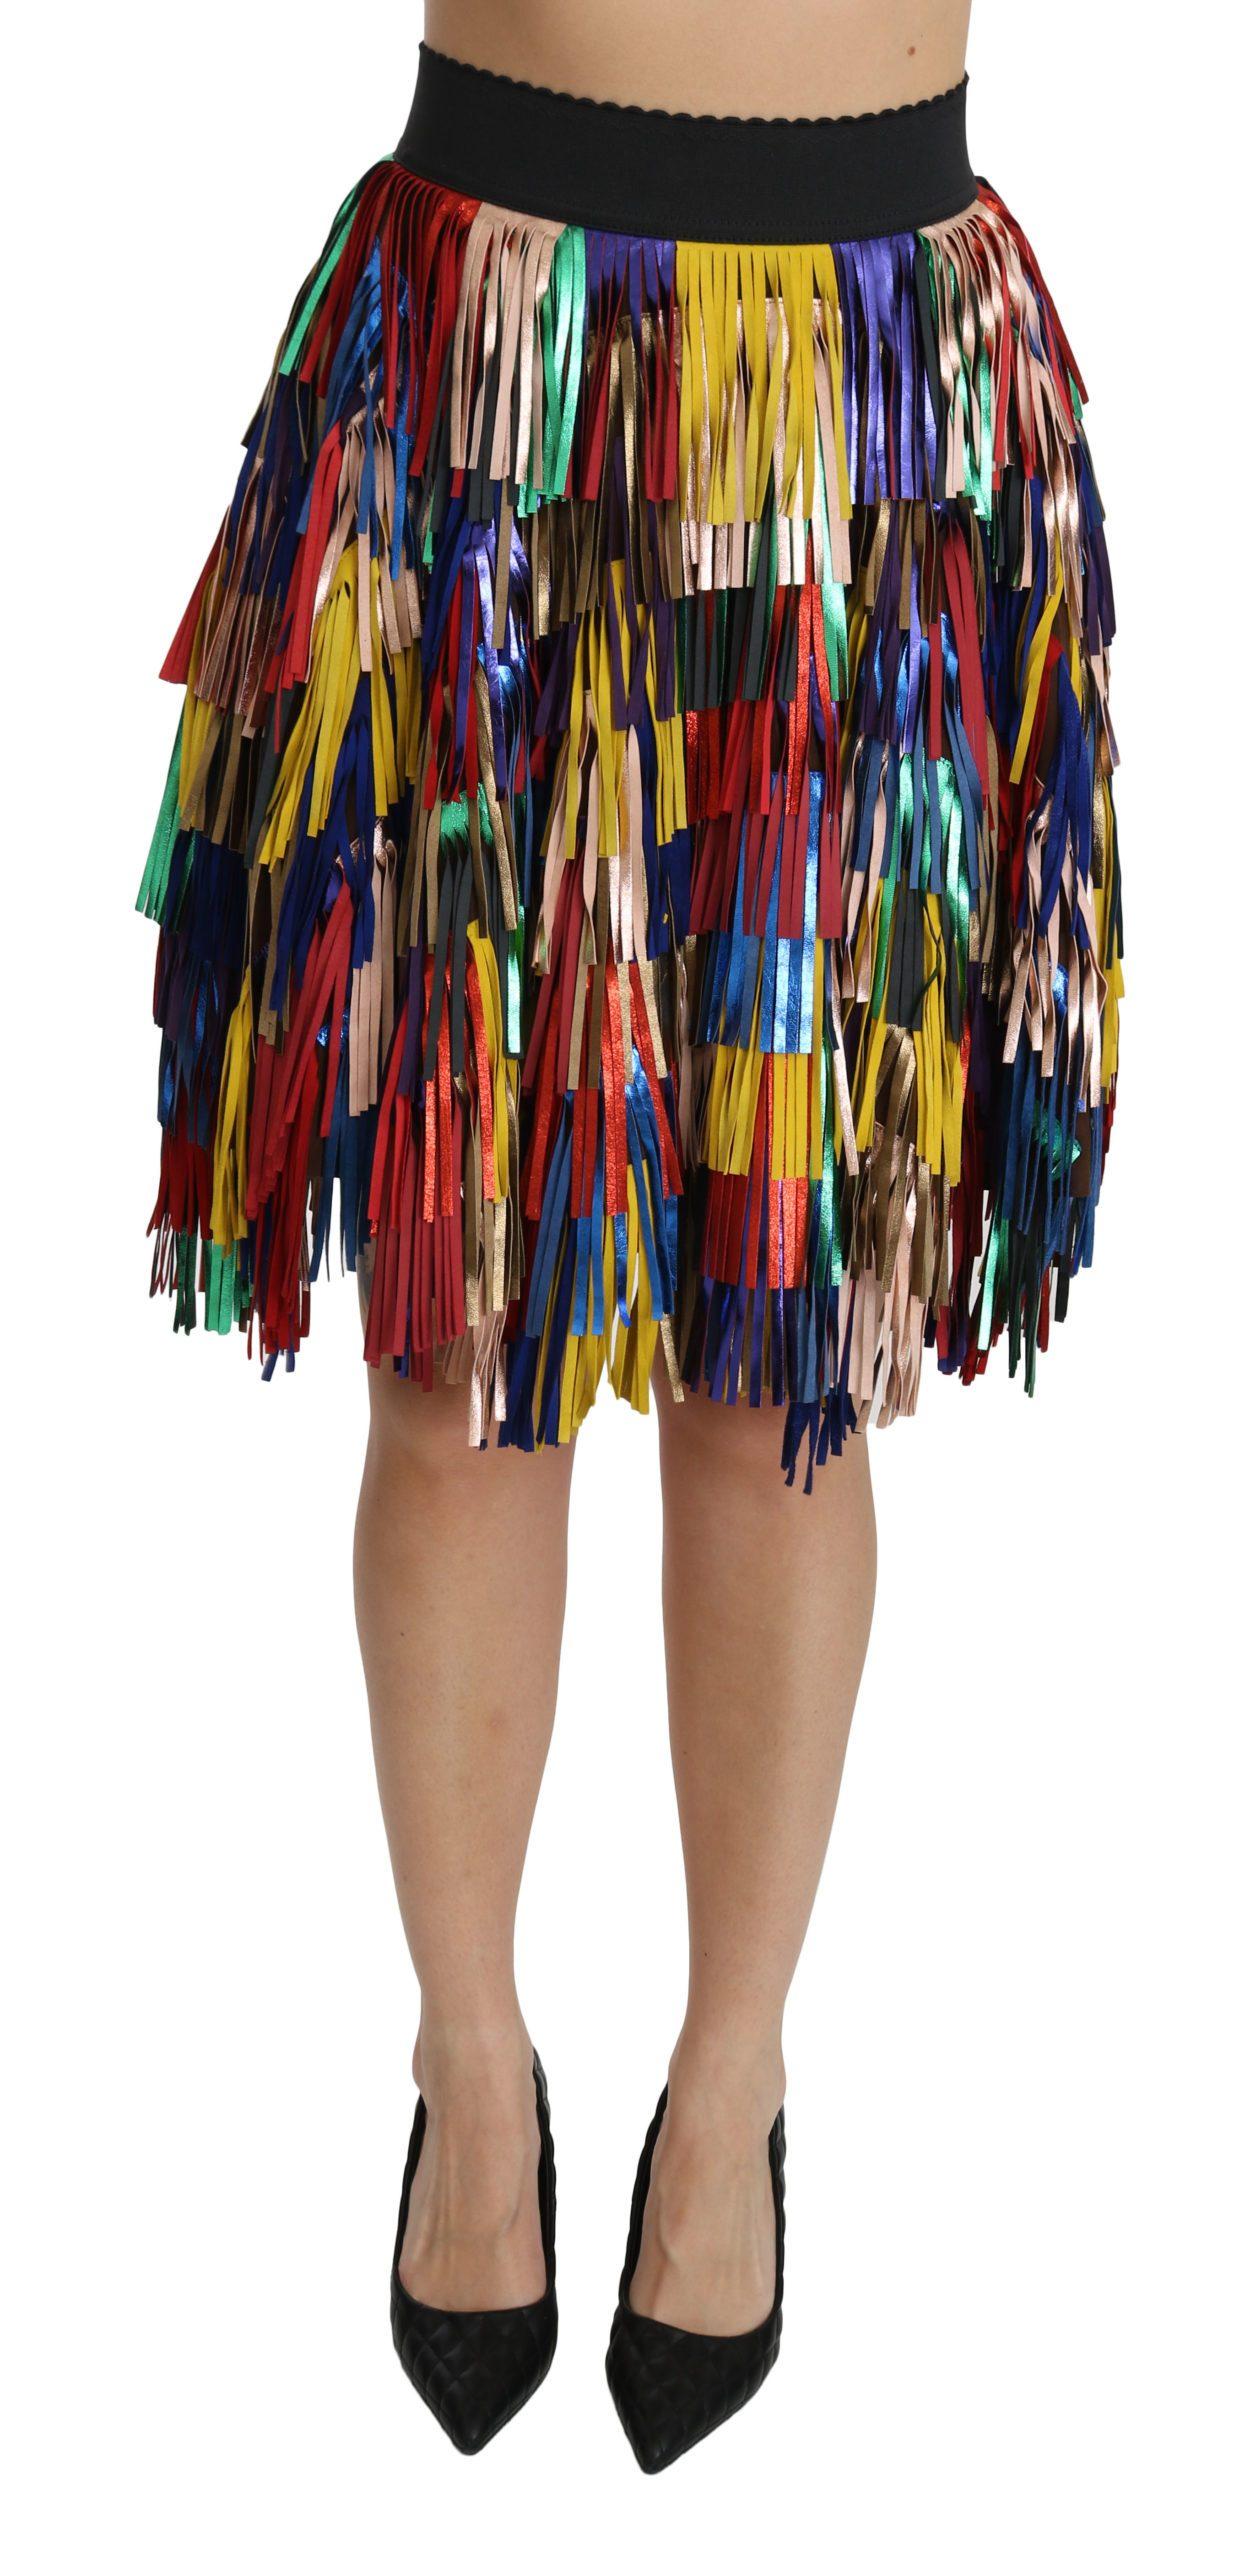 Dolce & Gabbana Women's High Waist Knee Length Leather Skirt Multicolor SKI1355 - IT40|S